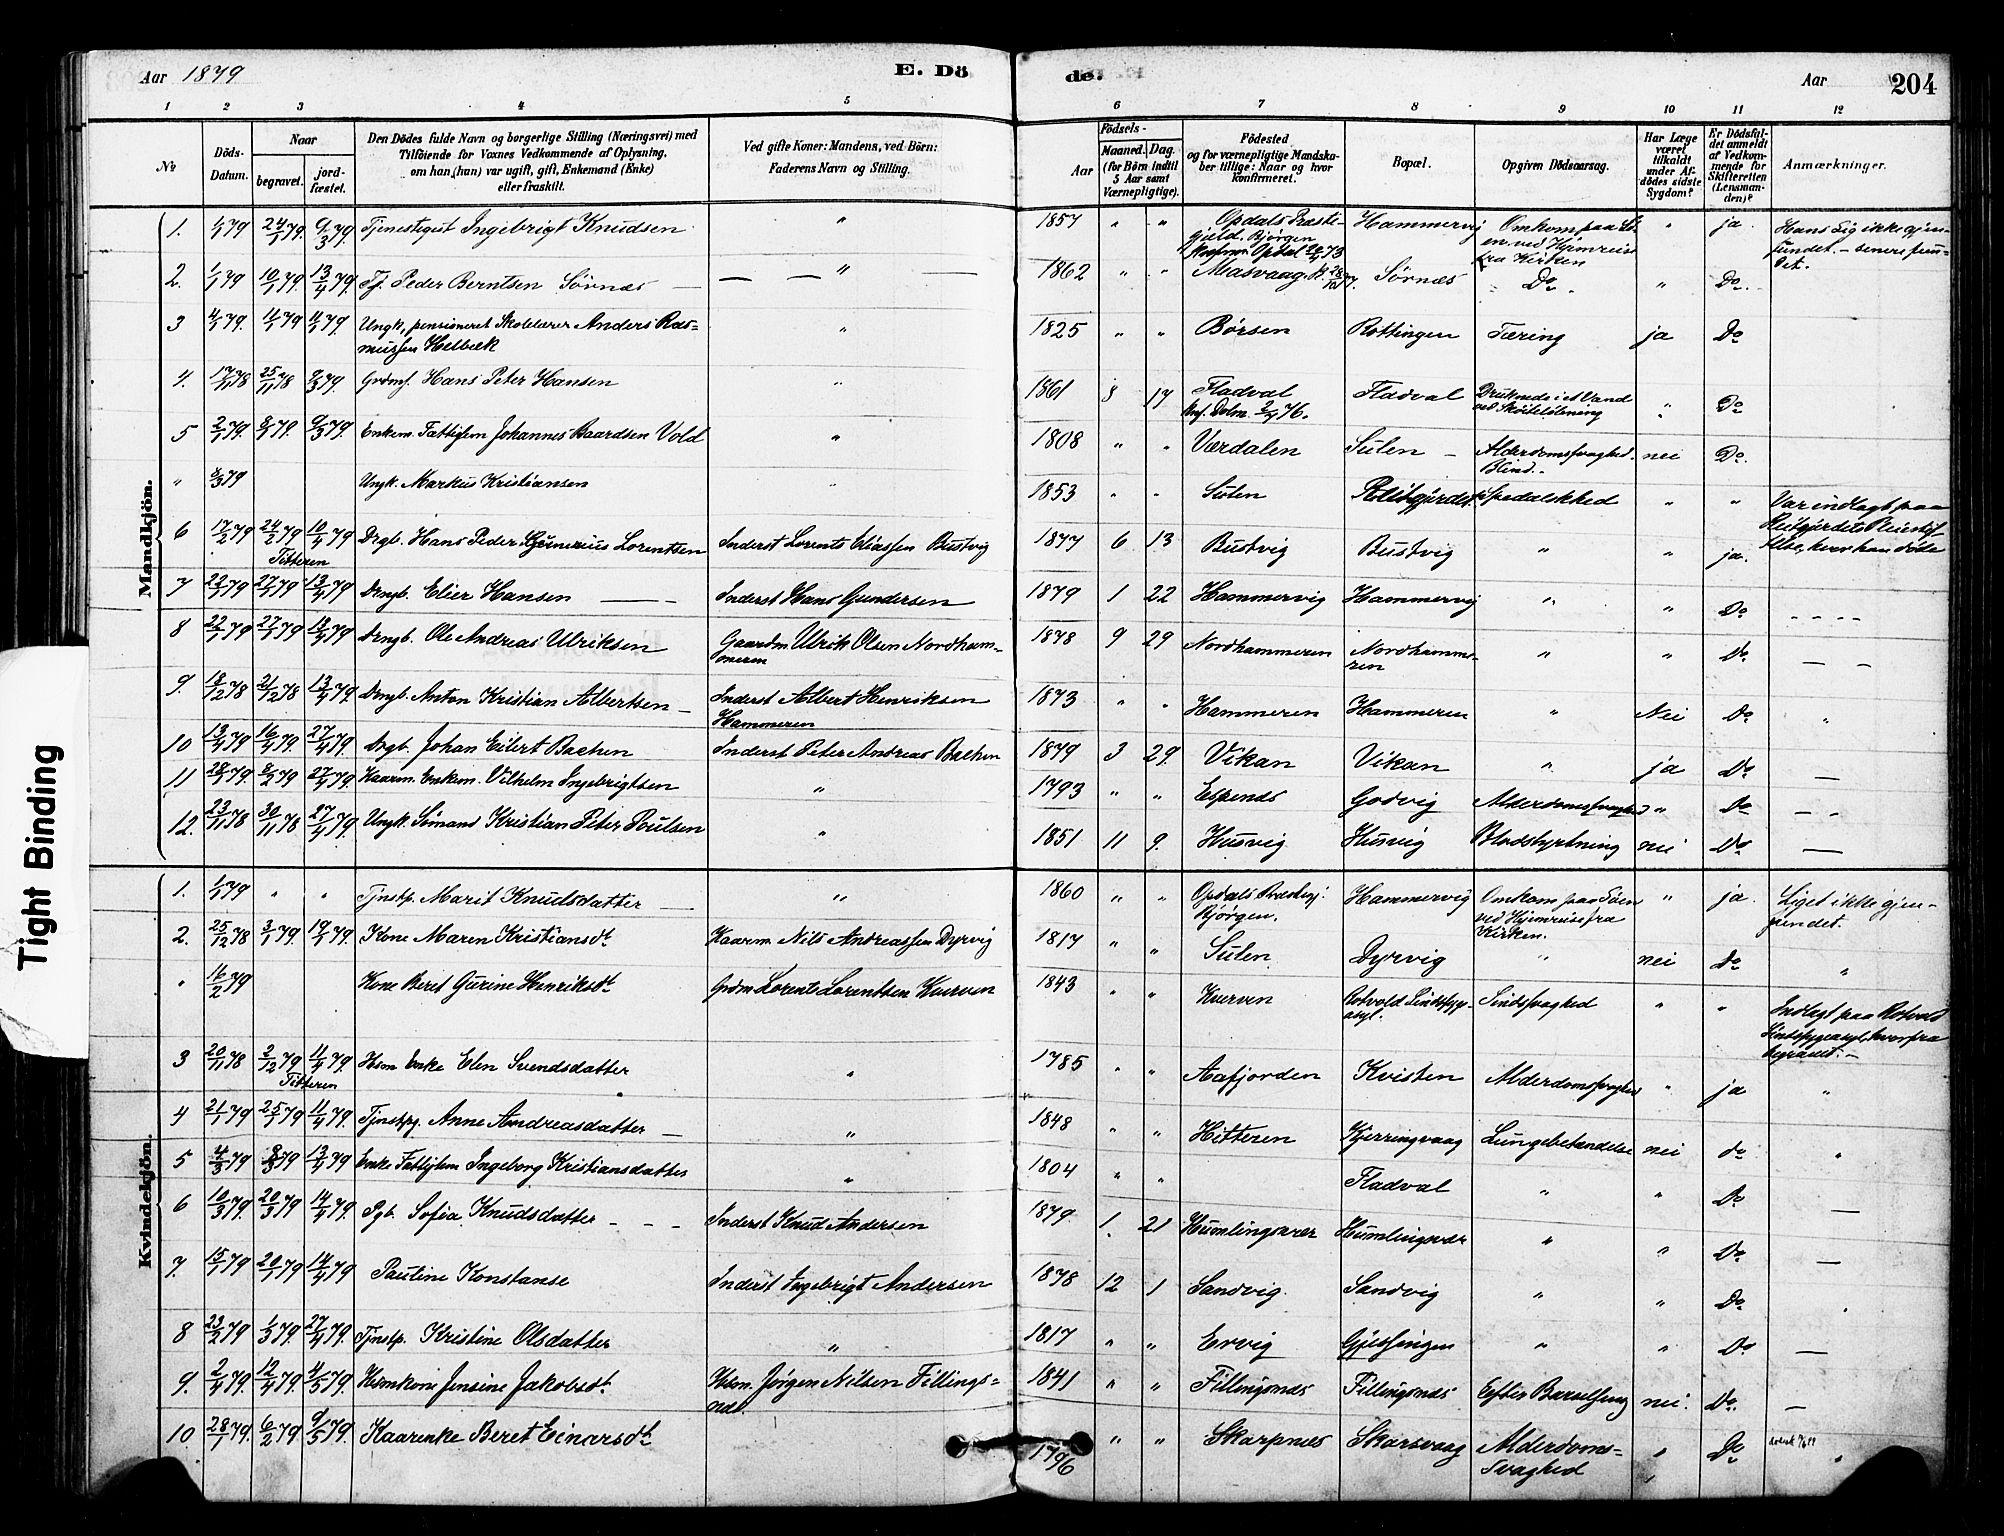 SAT, Ministerialprotokoller, klokkerbøker og fødselsregistre - Sør-Trøndelag, 640/L0578: Ministerialbok nr. 640A03, 1879-1889, s. 204